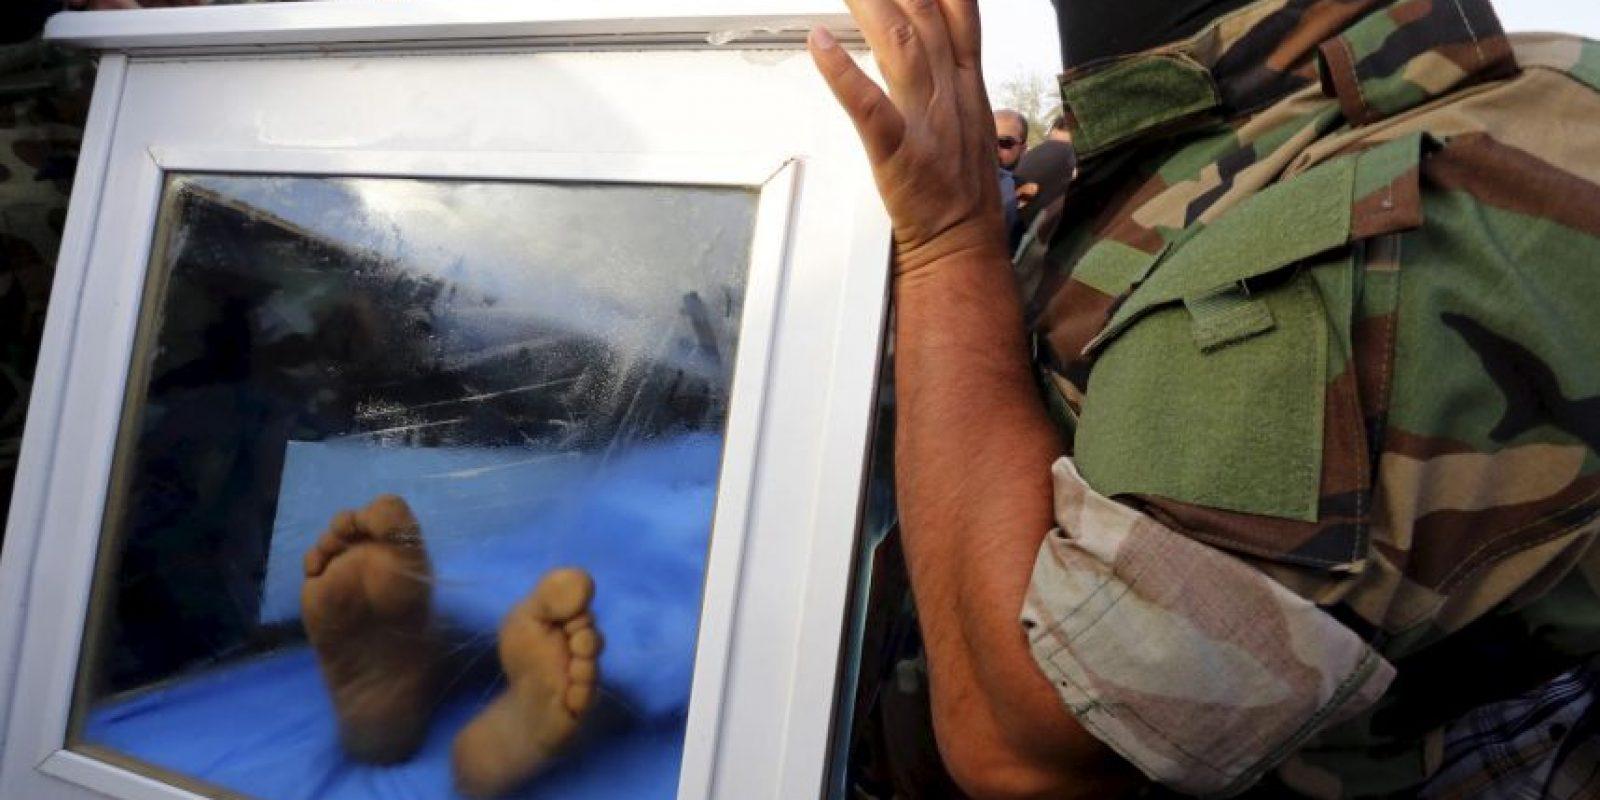 El ataúd de cristal con los restos de Al-Douri fue trasladado de un vehículo del gobierno. Foto:AP